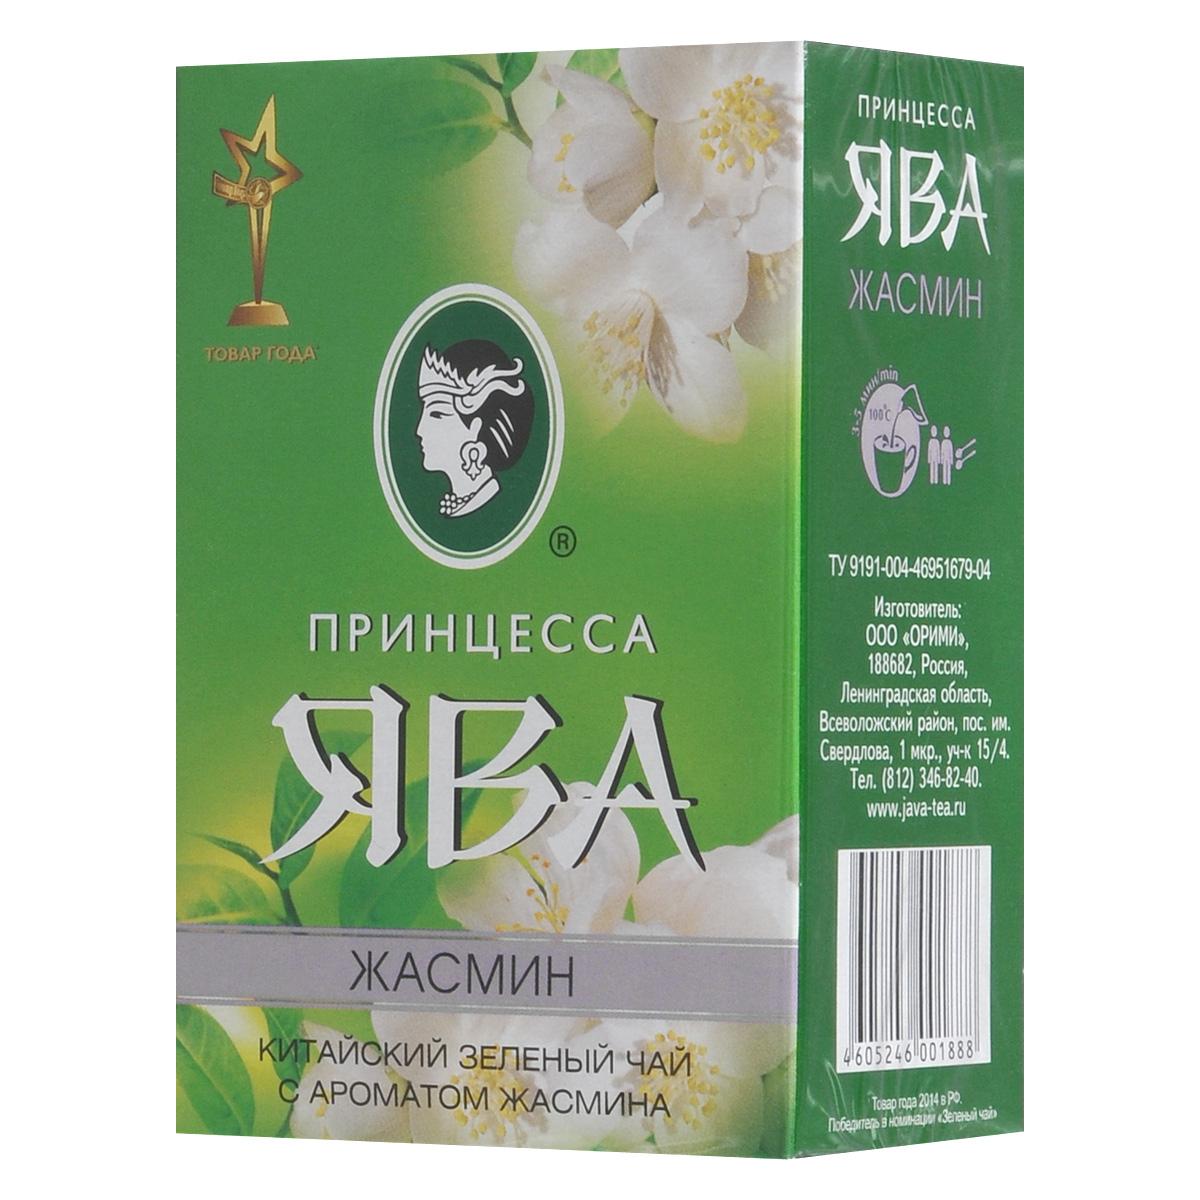 Принцесса Ява Жасмин зеленый ароматизированный чай листовой, 100 г greenfield jasmine dream зеленый ароматизированный листовой чай 100 г